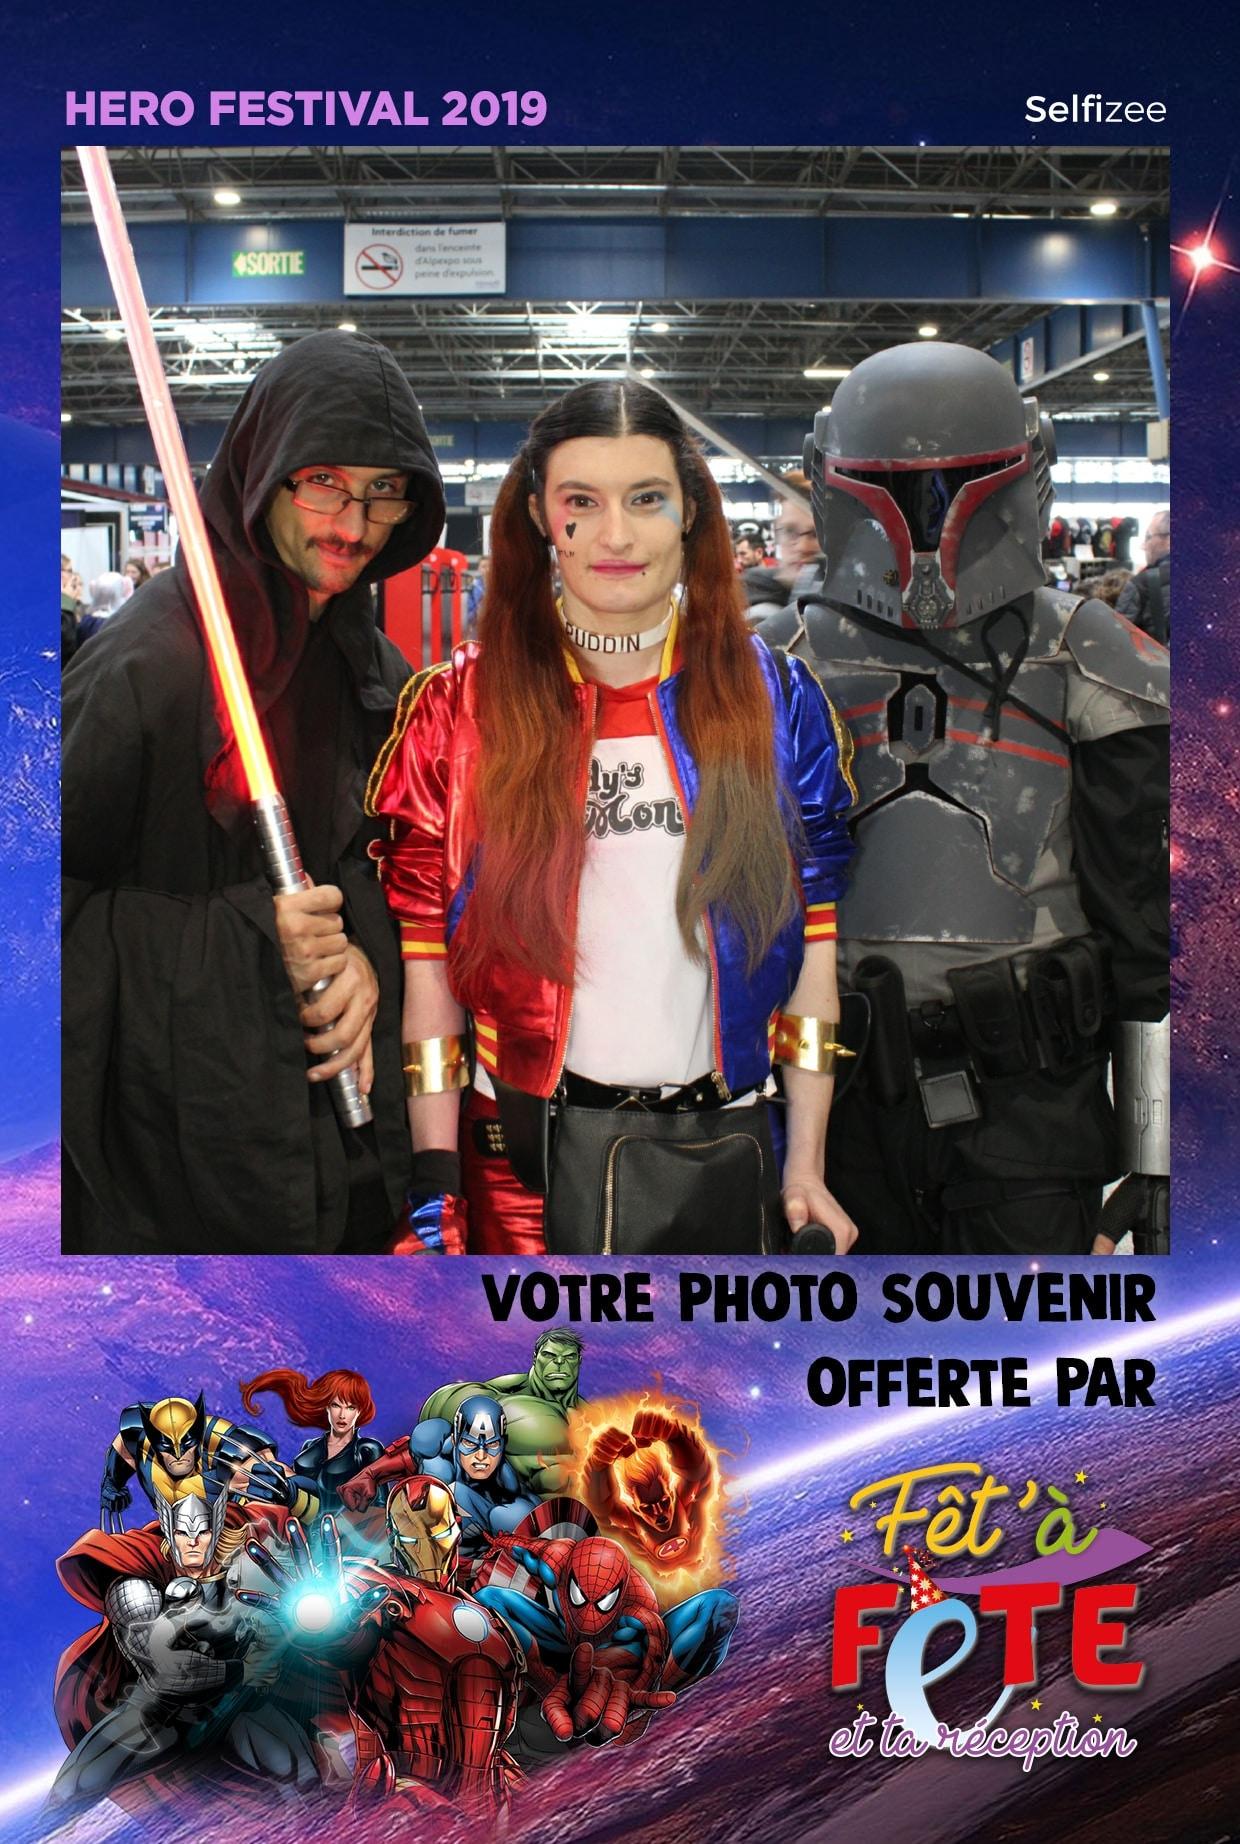 Animation selfie box au salon Herofestival 2019 sur stand Fêt'à Fête Grenoble avec photos personnalisées pour les visiteurs